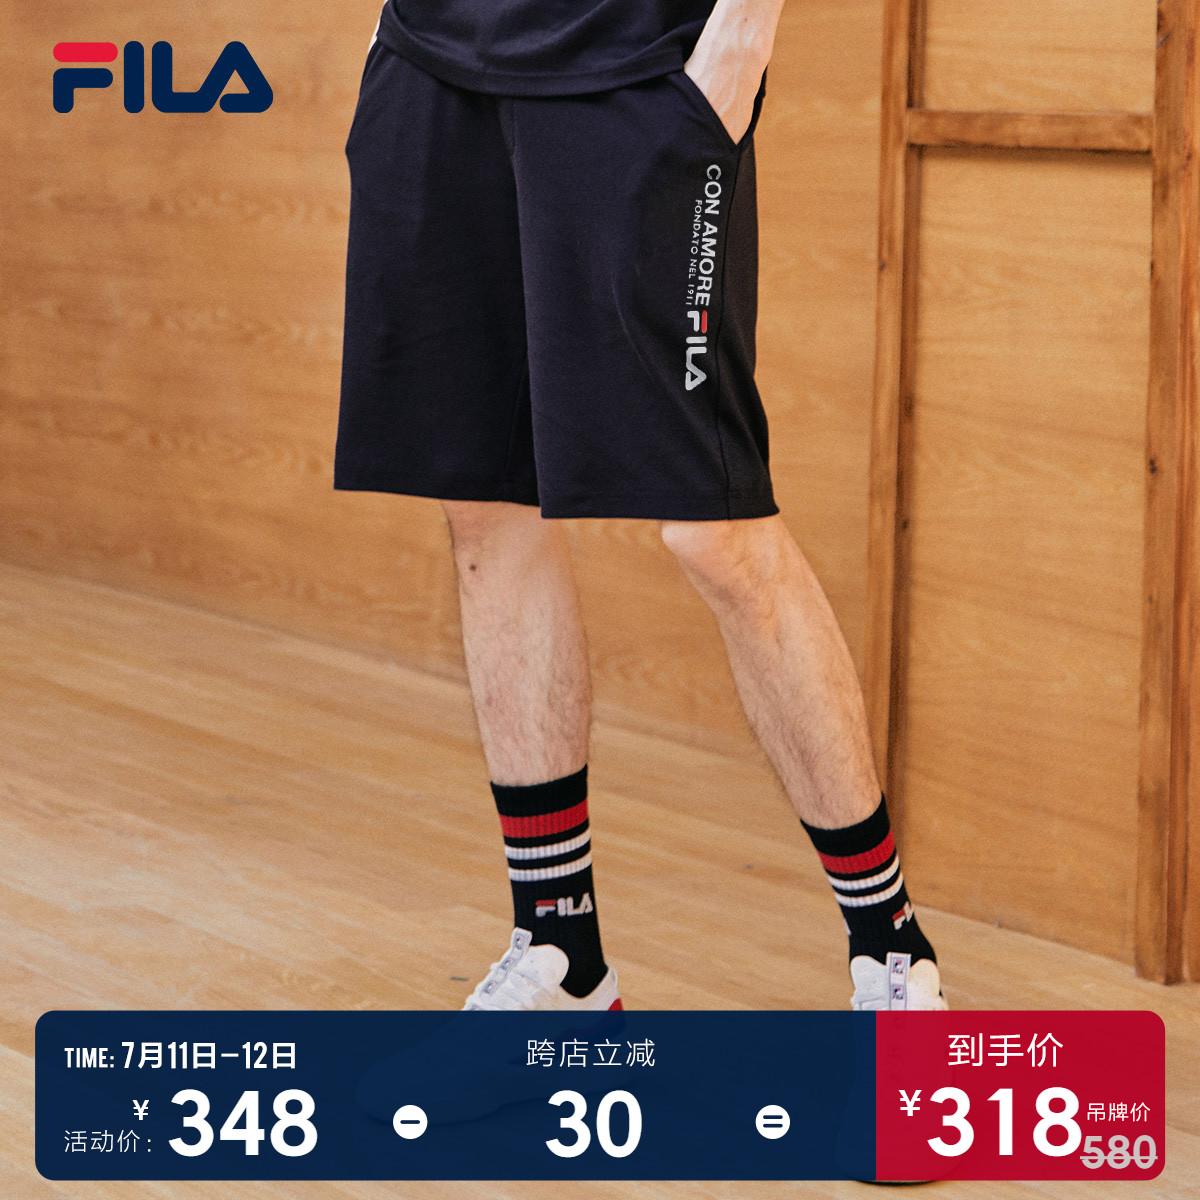 FILA斐乐官方男子针织短裤2020夏季新款宽松五分裤休闲沙滩运动裤